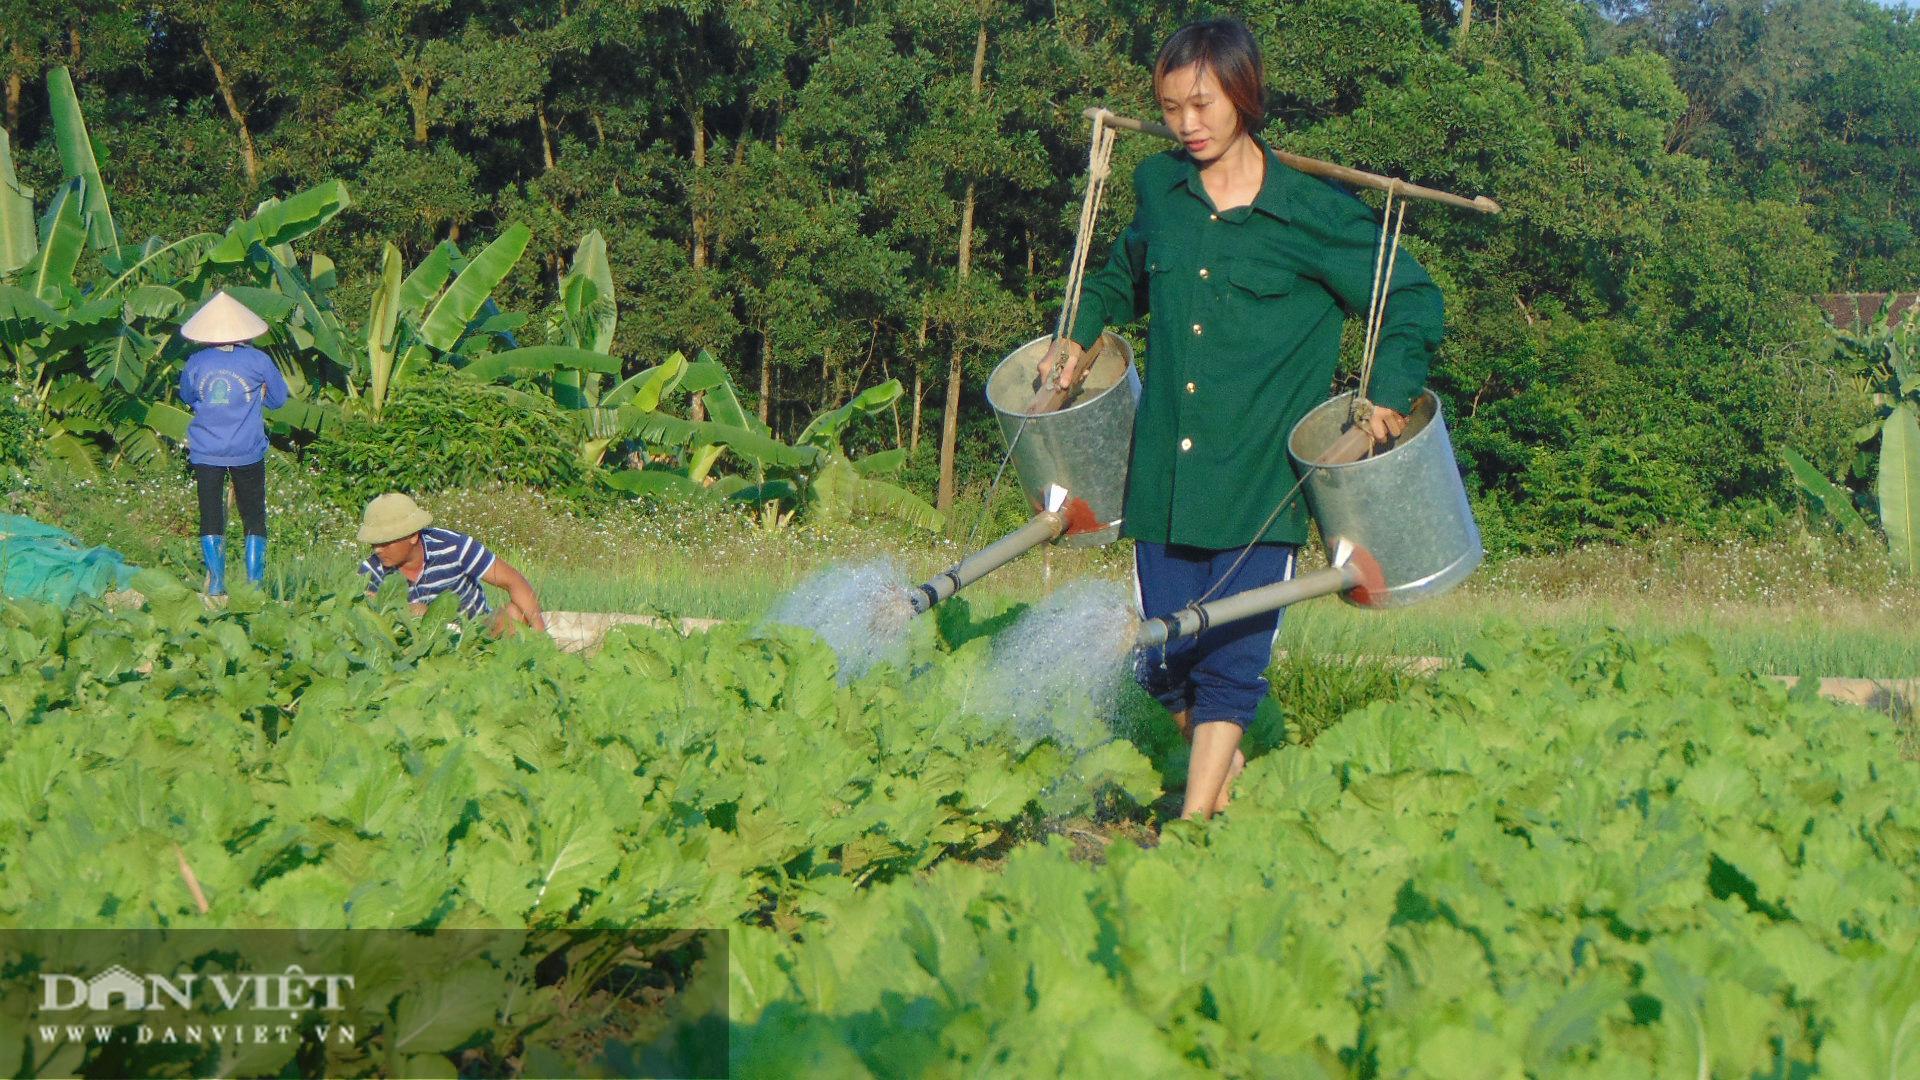 Trồng rau an toàn, nữ giám đốc 8x Thái Nguyên kiếm vài chục triệu đồng mỗi tháng - Ảnh 7.